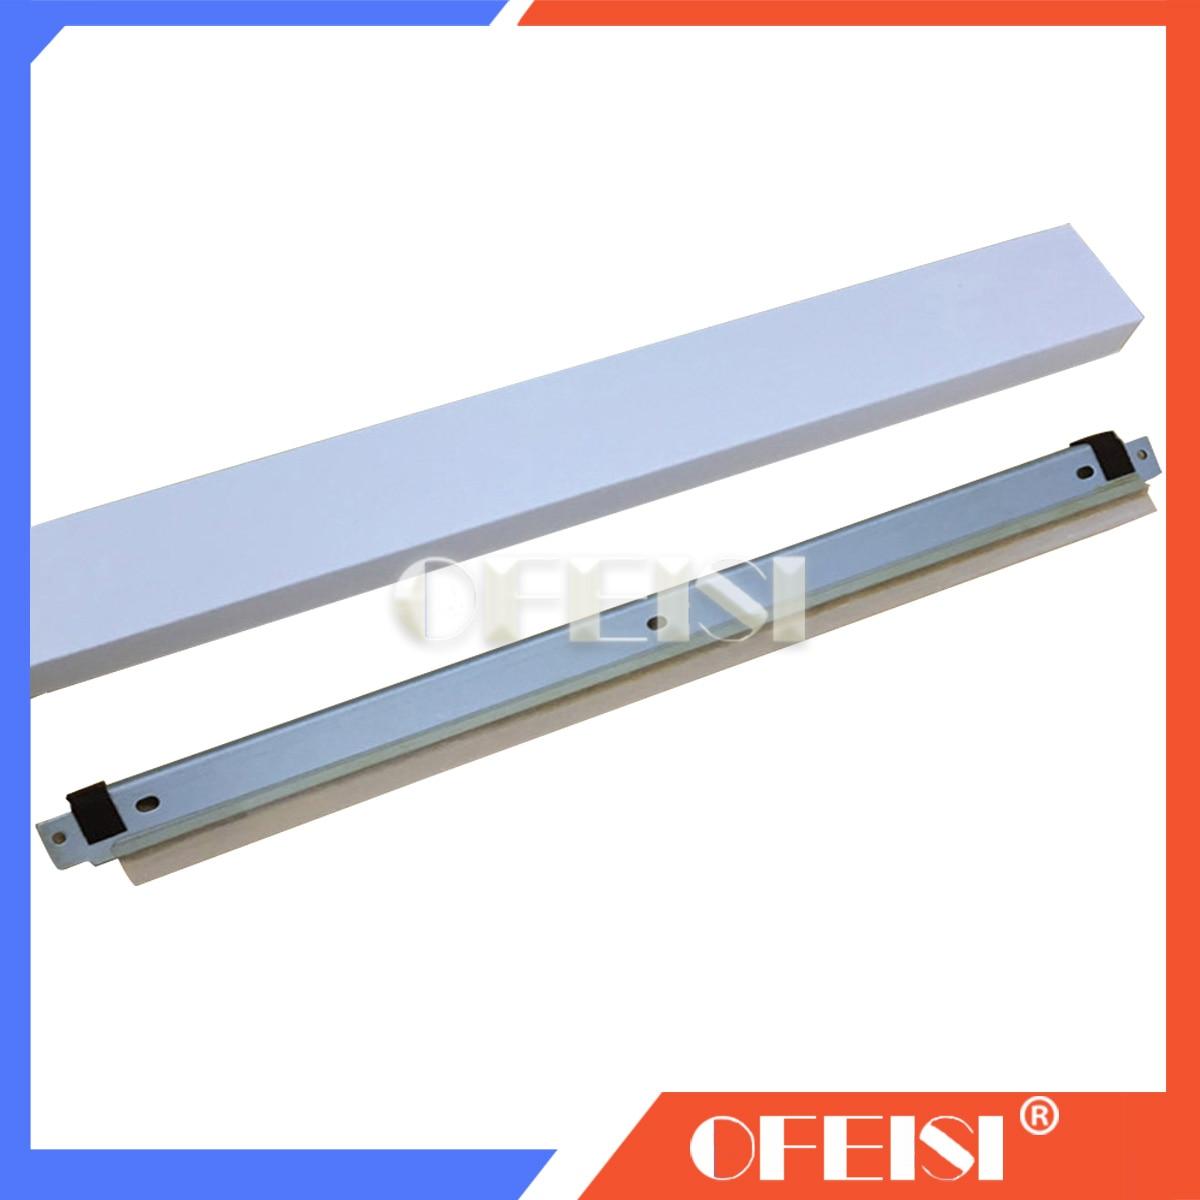 Transfer Belt Cleaning Blade for Konica Minolta Bizhub C224 C364 C284 C454 C554 C220 C280 C360 C 224 364 284 454 554 220 280 360